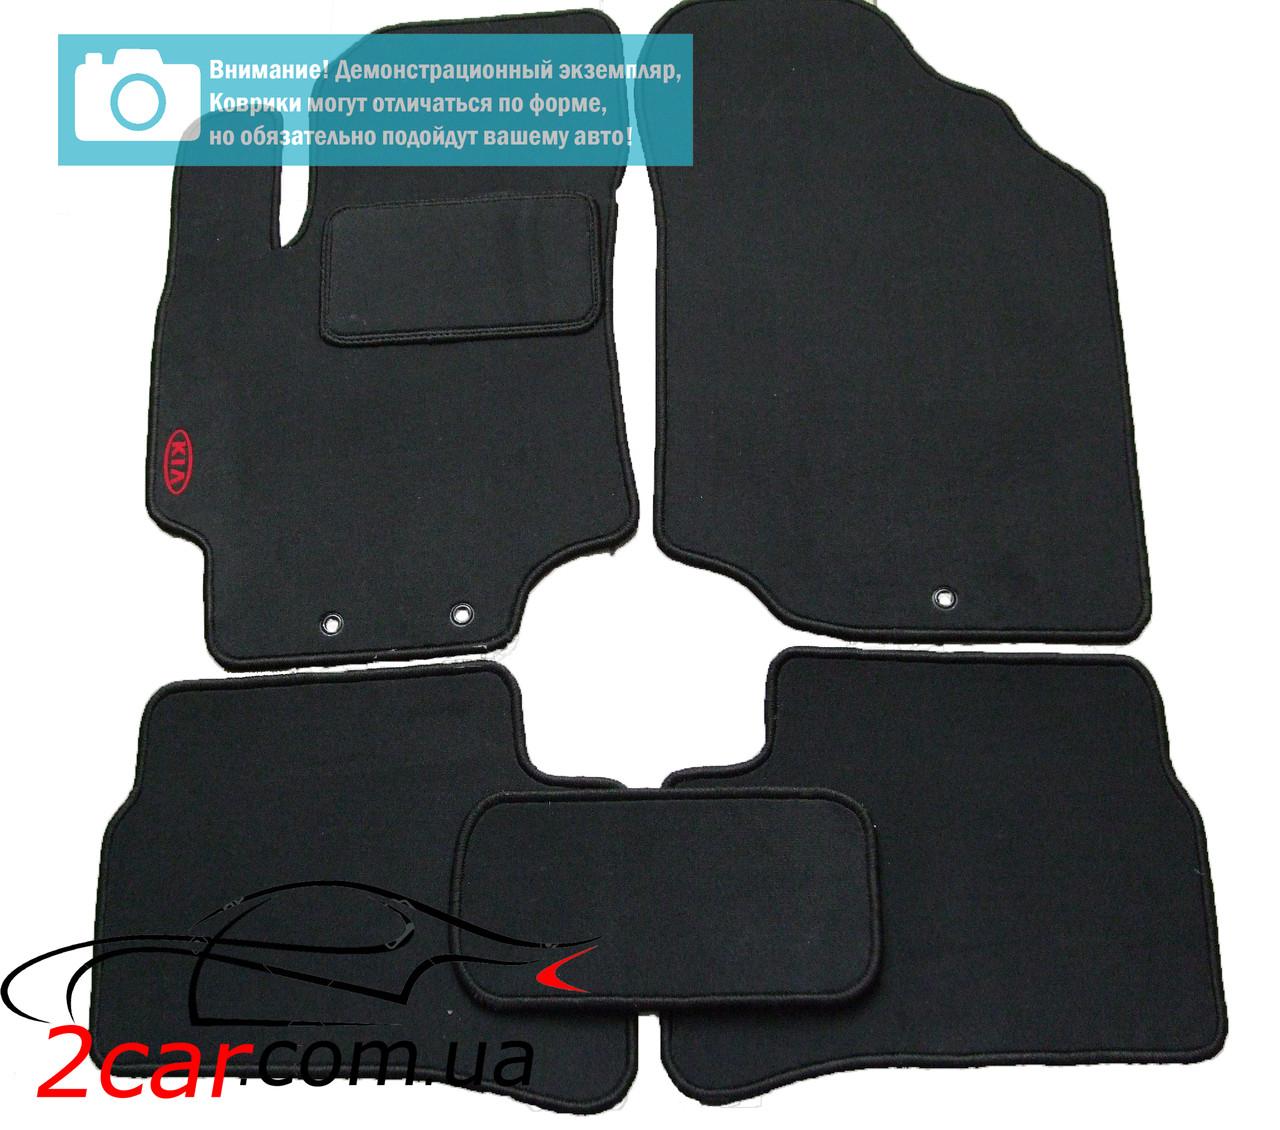 Текстильные коврики в салон для Mazda 6 (2002-2008) (чёрный) (Stingray